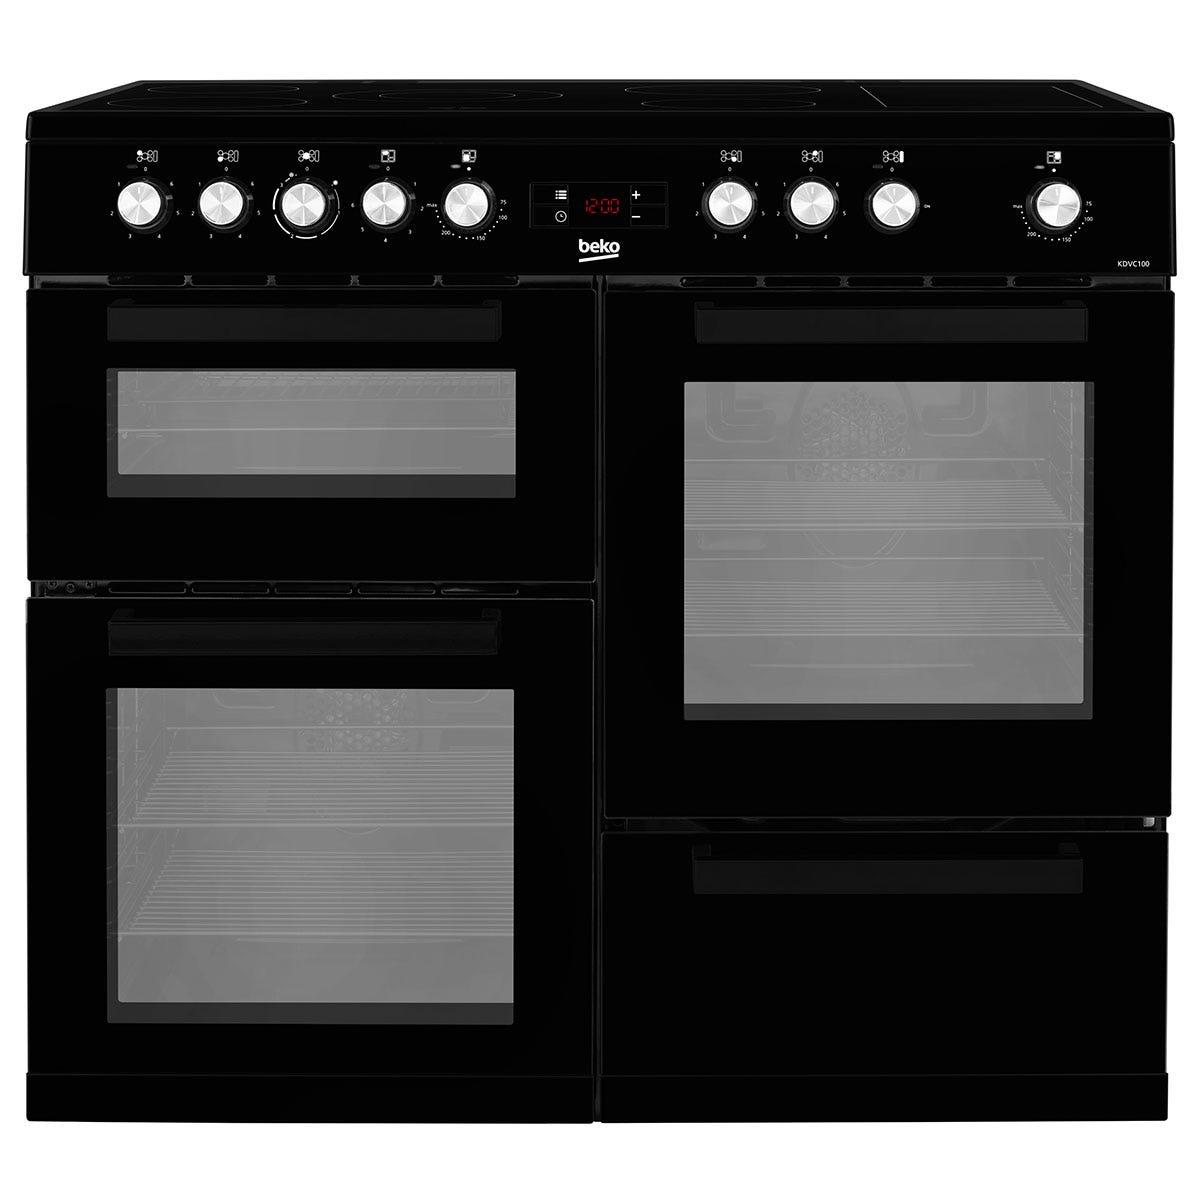 Beko KDVC100K Freestanding 100cm Double Oven Range Cooker - Black